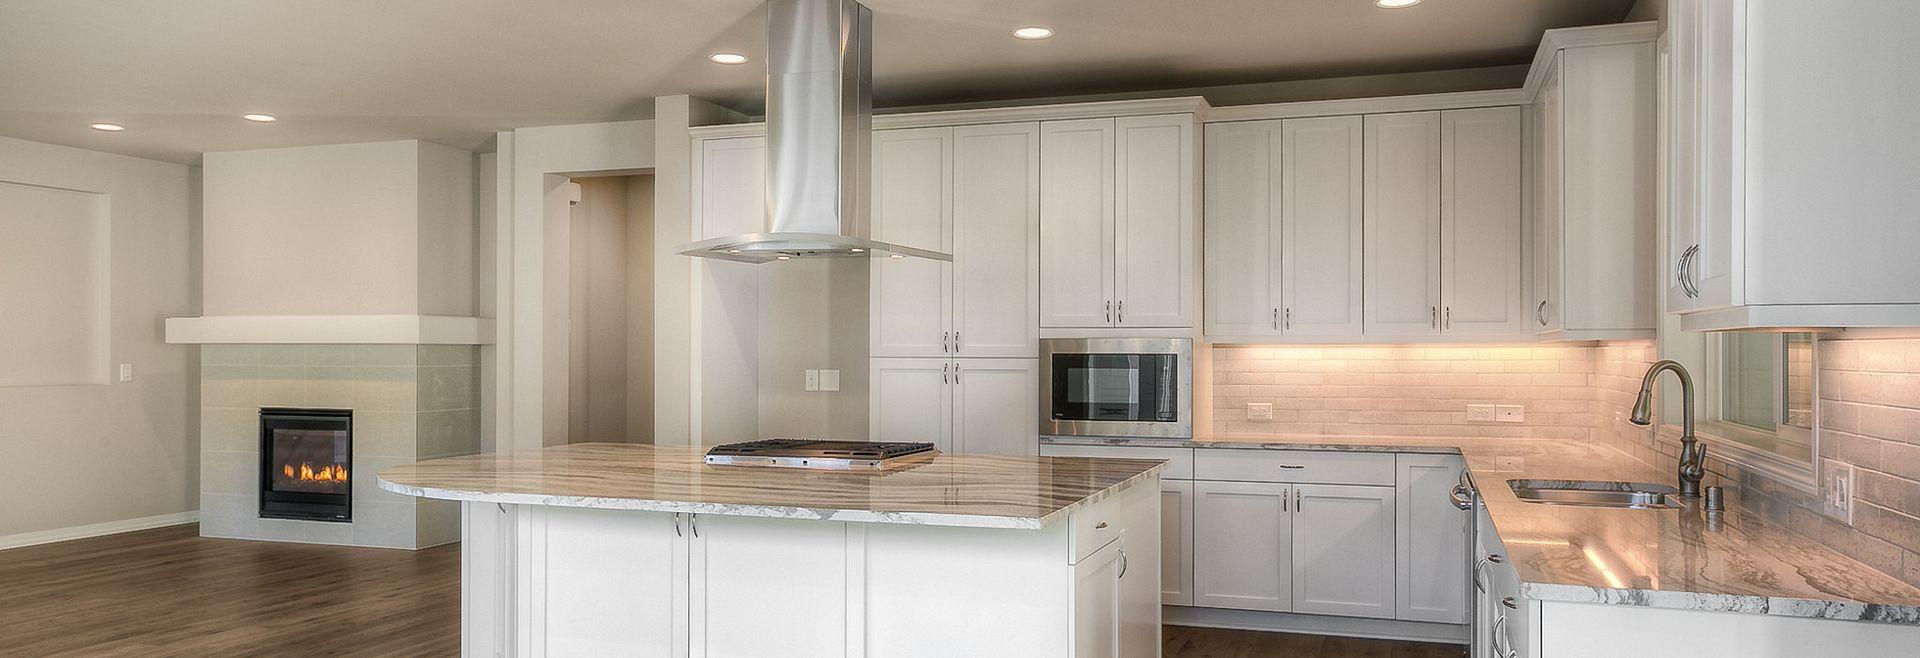 Homesite 4005 Kitchen